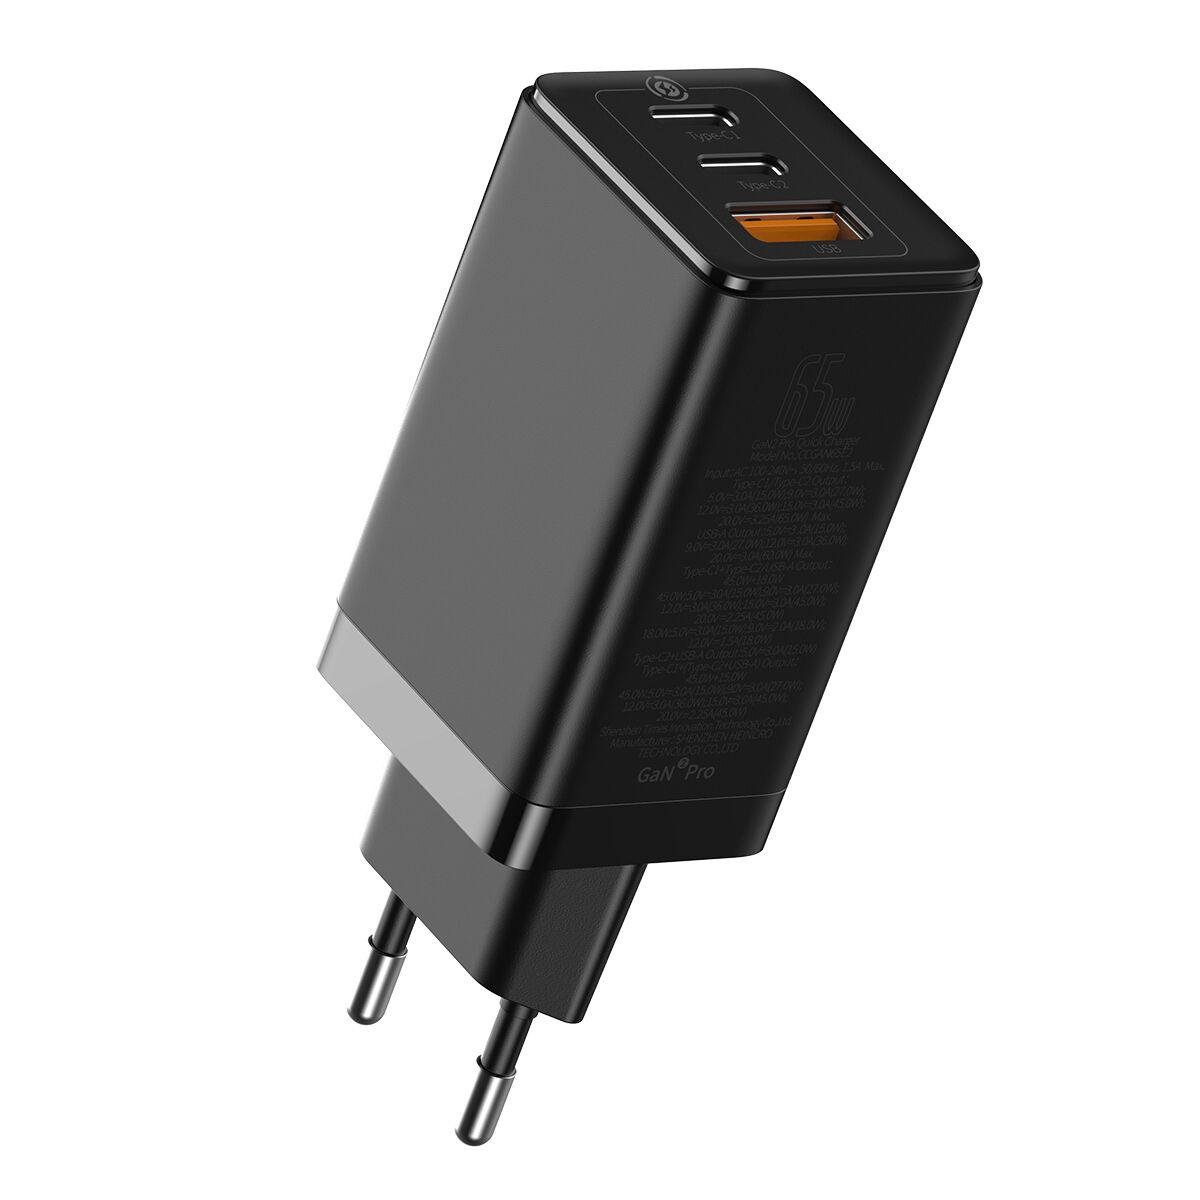 Baseus 65W GaN2 Chargeur d'ordinateur portable USB-C & USB-A, Noir